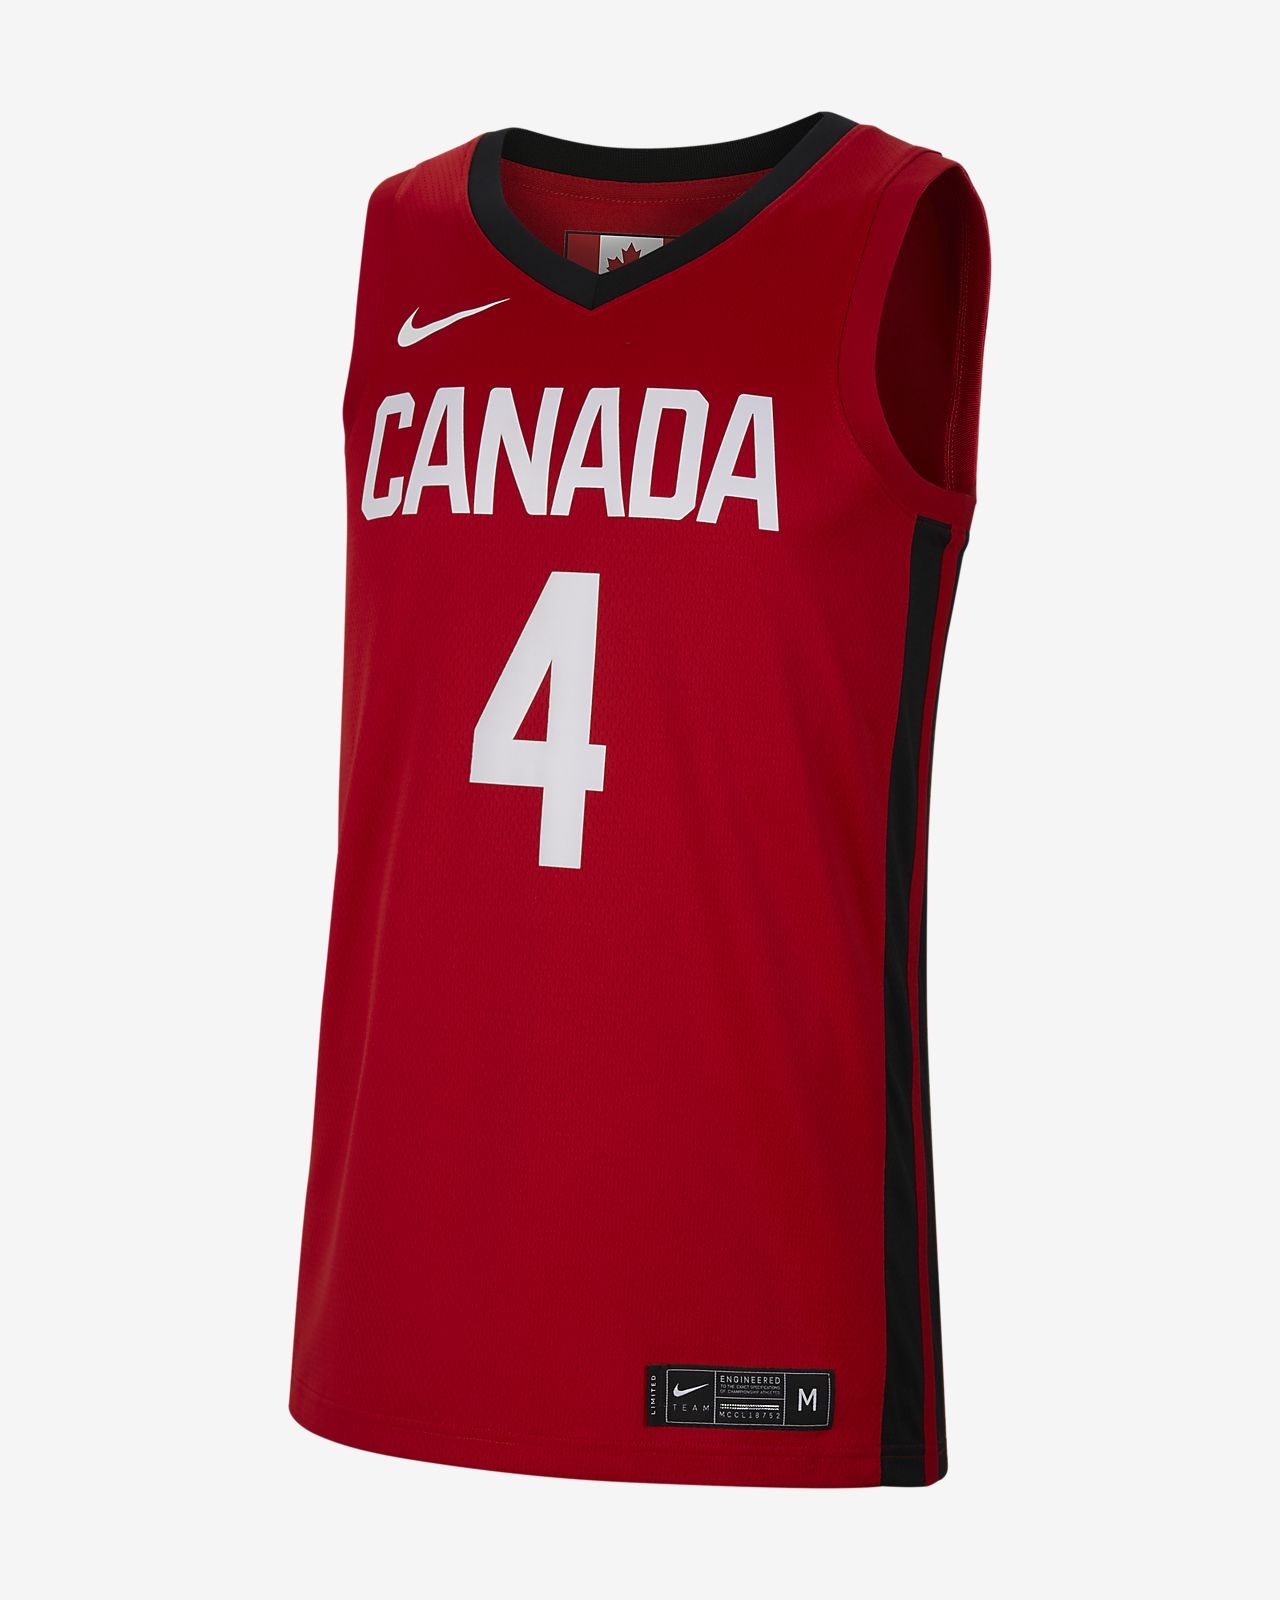 Ανδρική φανέλα μπάσκετ Canada Nike (Road)